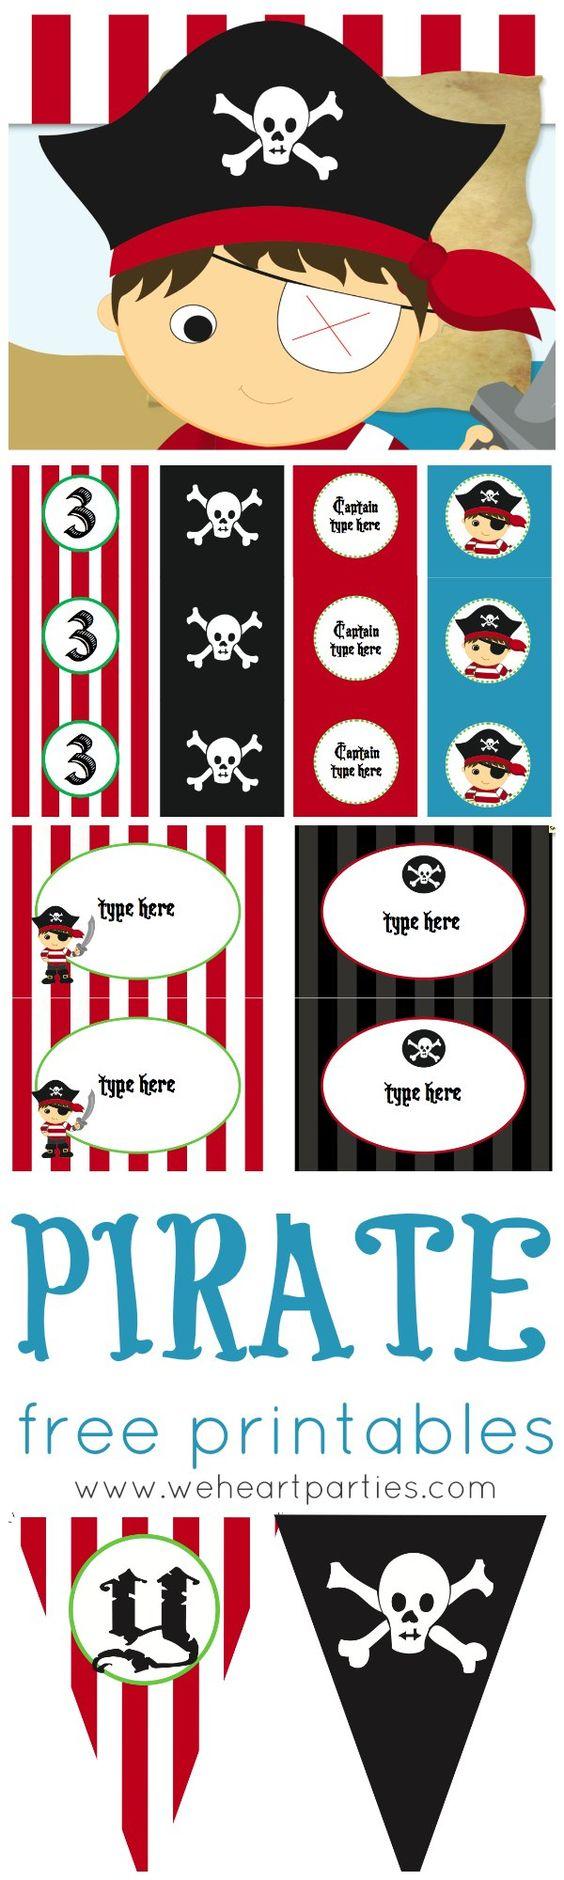 Tolle Vorlagen zum Ausdrucken für deinen nächsten Kindergeburtstag unter dem Motto Piraten.